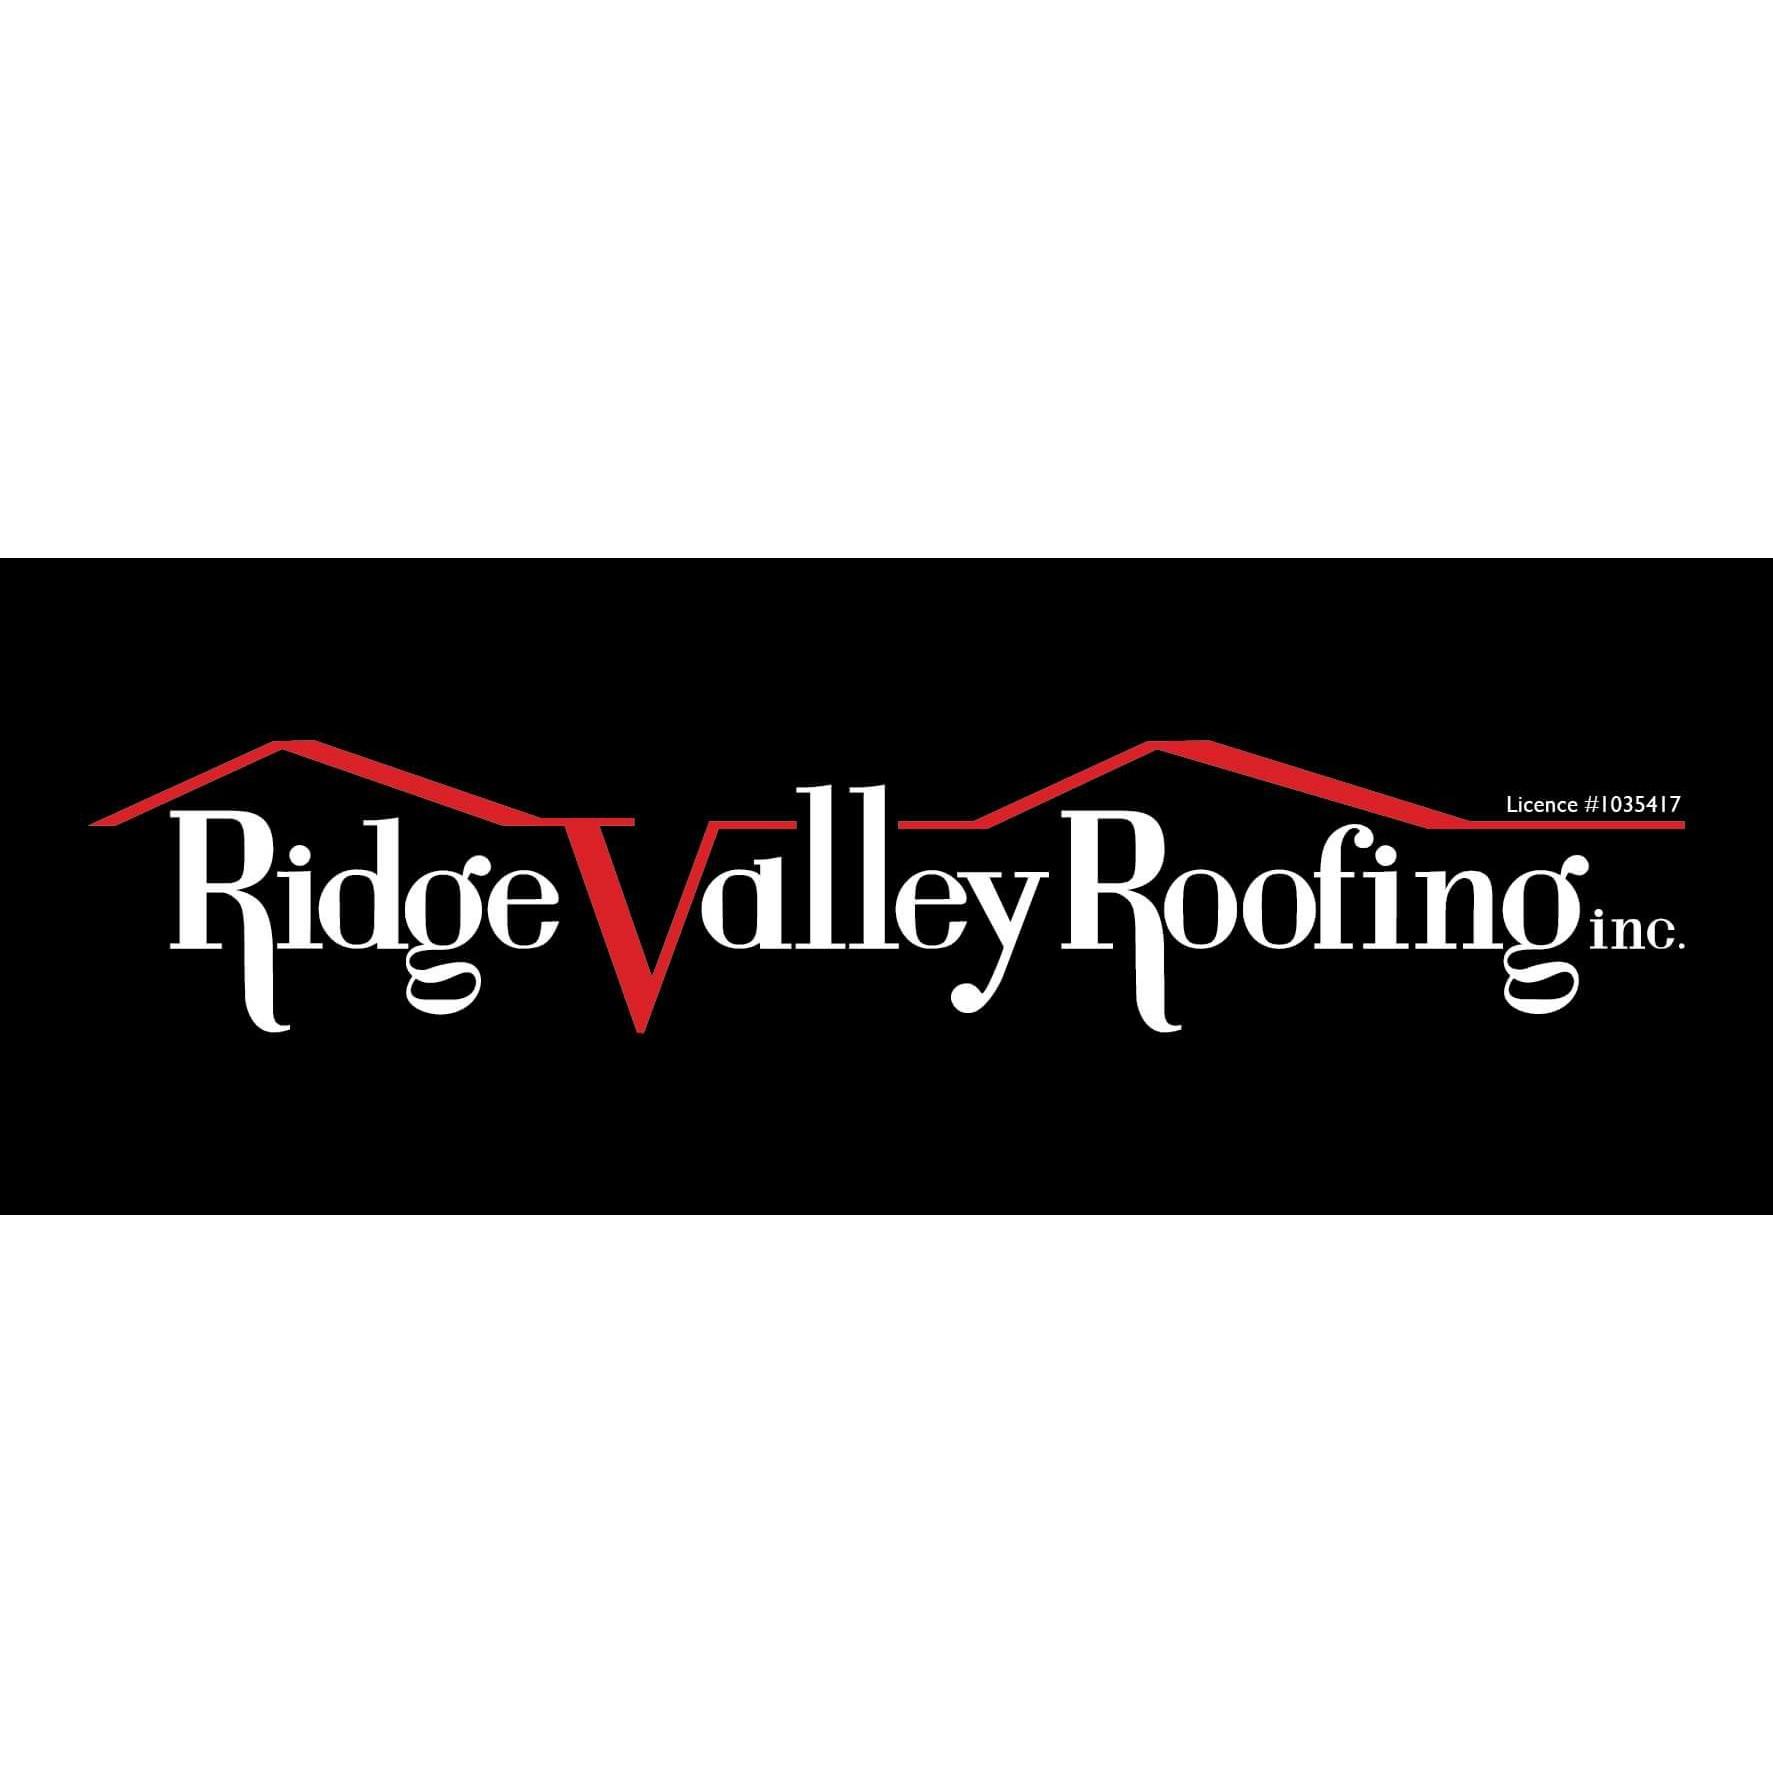 RidgeValley Roofing, Inc.